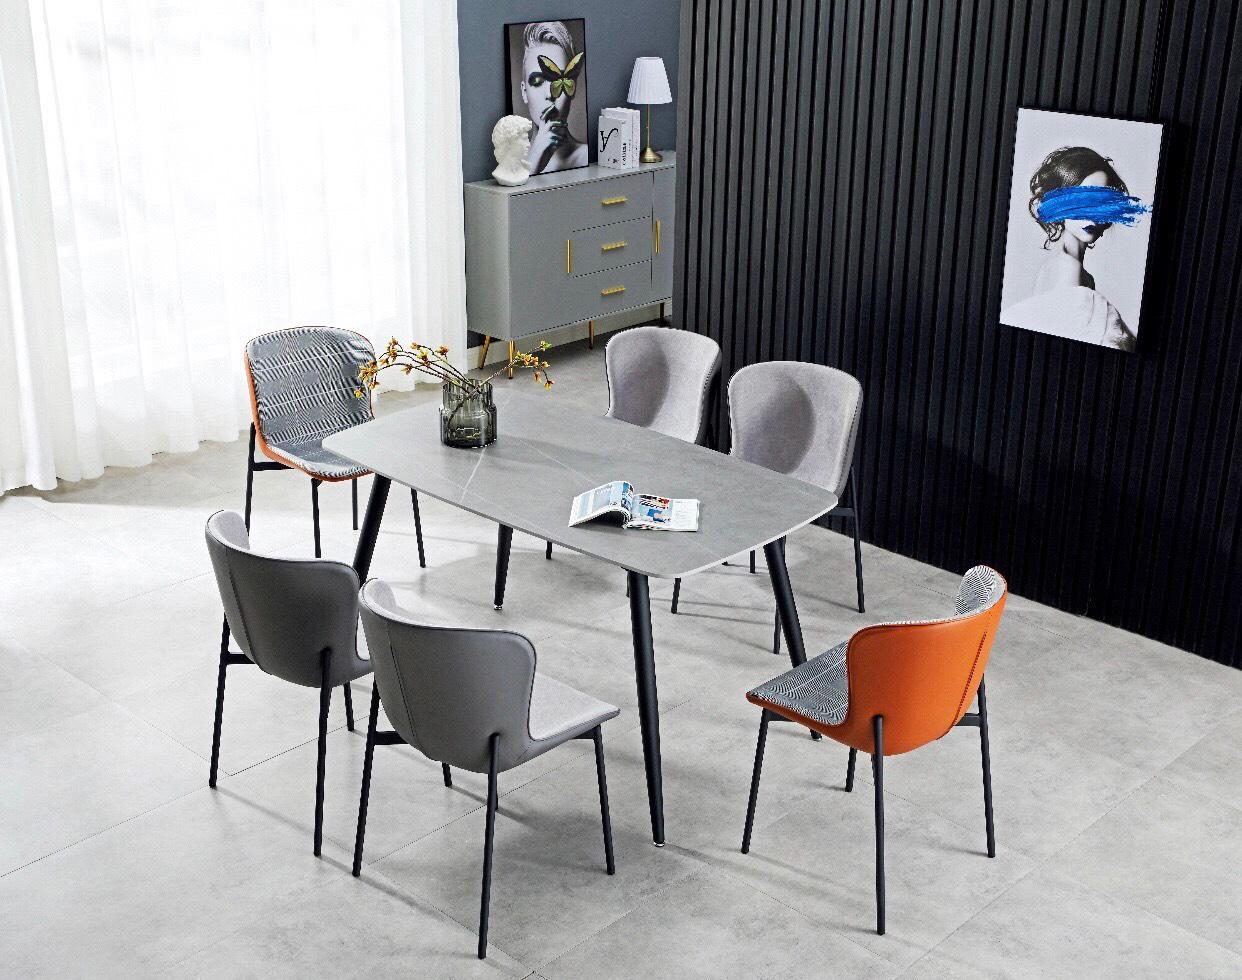 Bộ Bàn ăn mặt đá 1m2 x 70 + 4 ghế hiện đại : T162-12